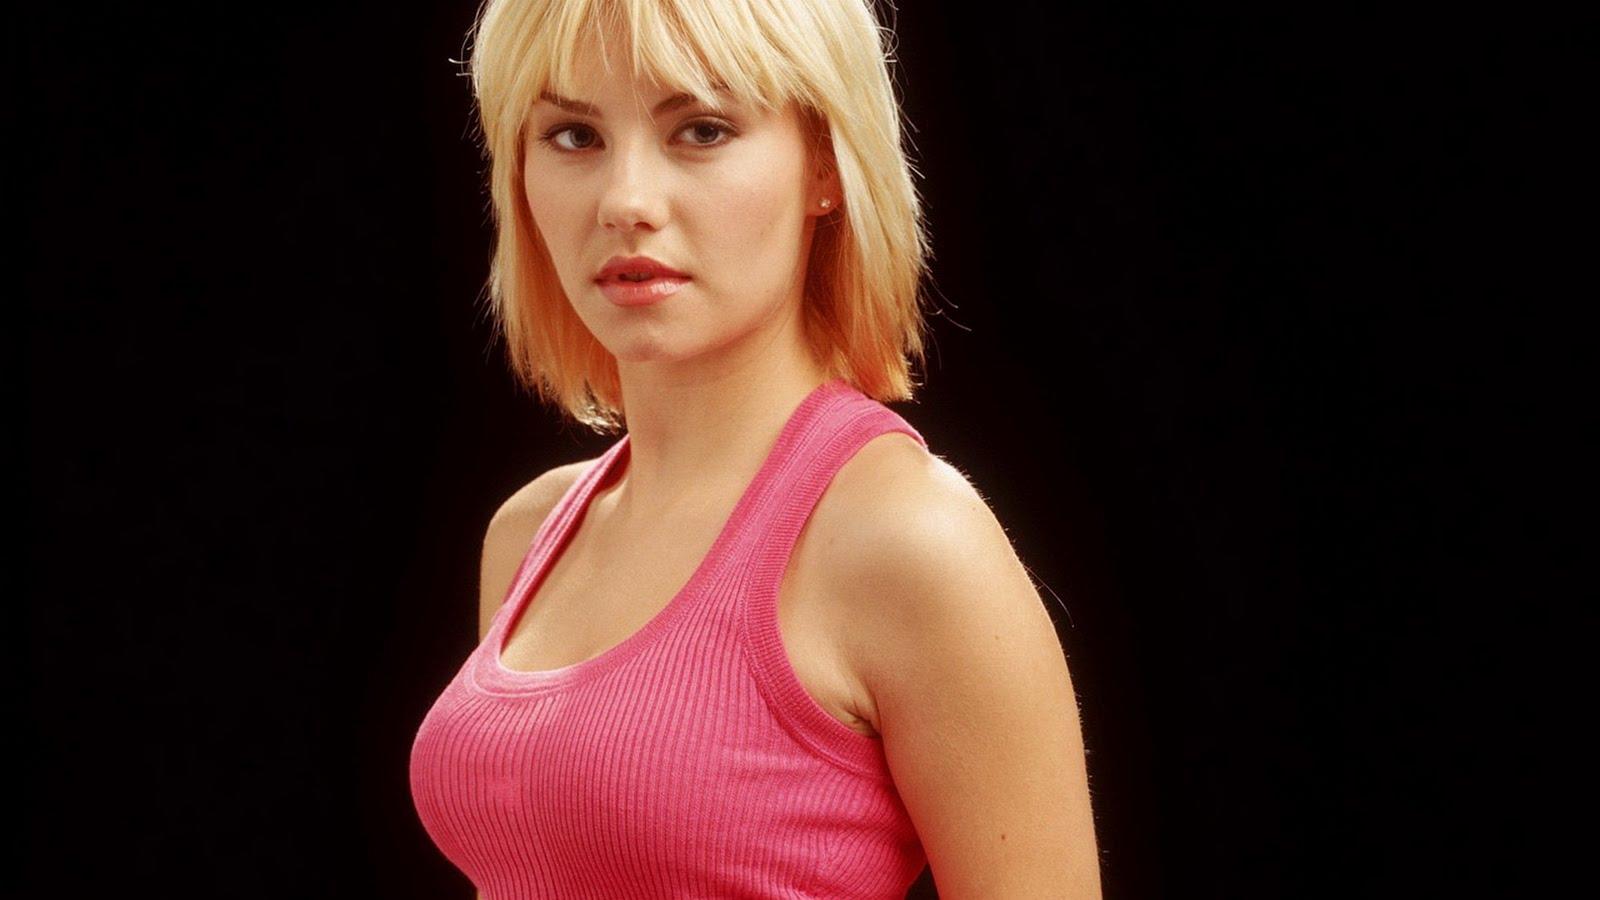 http://4.bp.blogspot.com/-dgQS_FlUUuk/TkjfYfZ4DtI/AAAAAAAAG4k/YRcQXzGp4wE/s1600/sexy-hd-girl-3-1920x1080.jpg